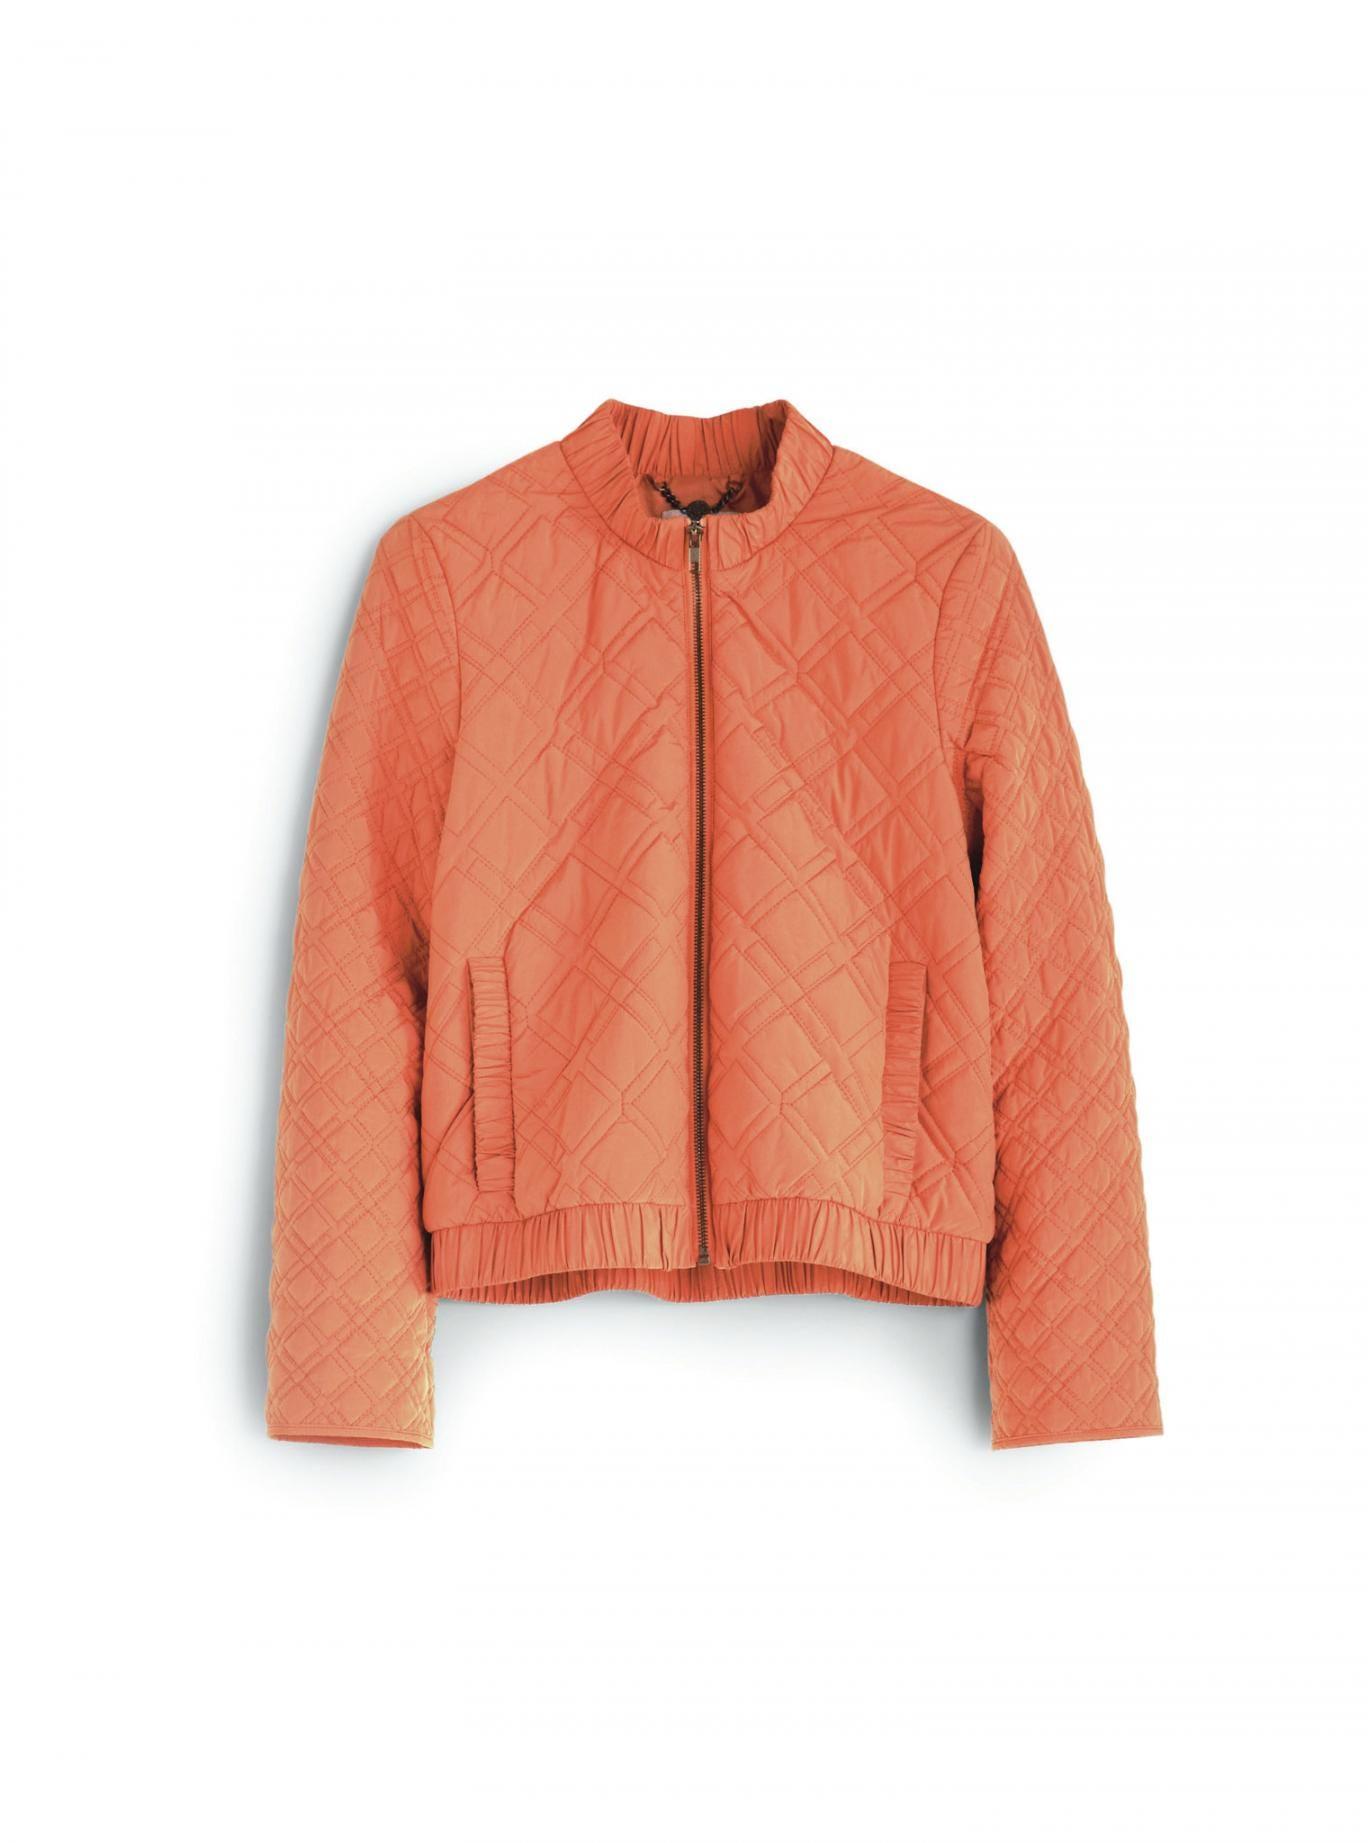 Peachy: Hobbs quilted jacket, £129, hobbs.co.uk